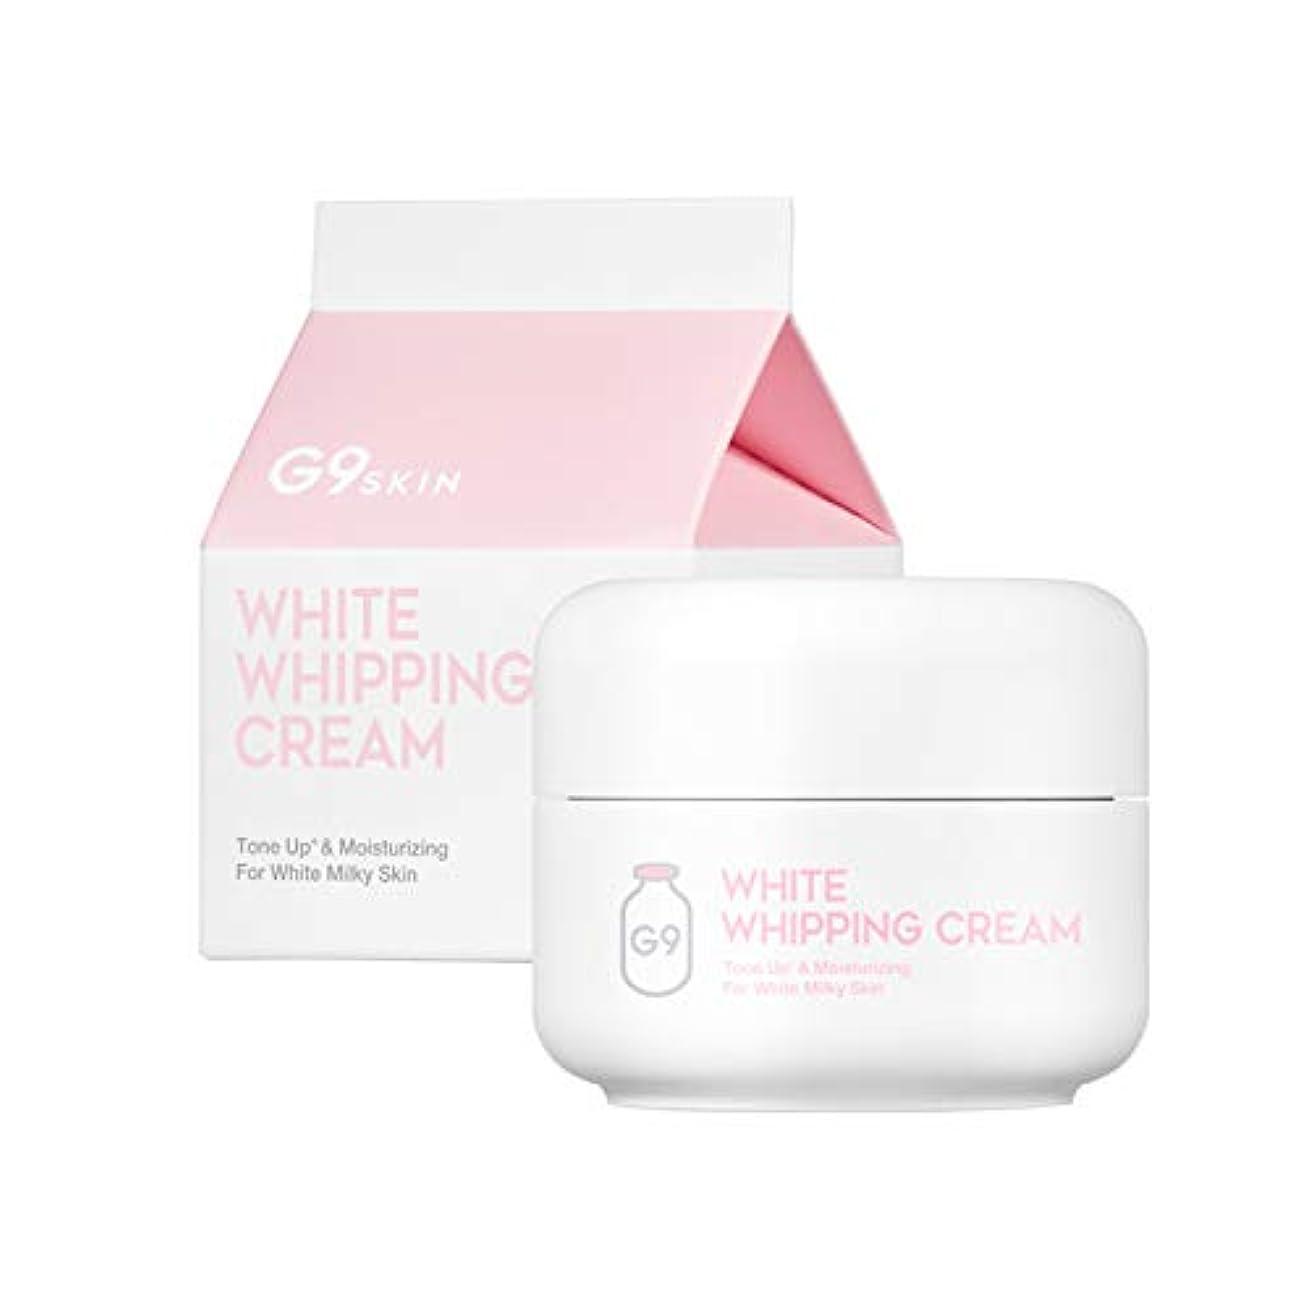 さまようシングル裏切り者G9SKIN(ベリサム) ホワイト イン 生クリーム WHITE IN WHIPPING CREAM 50g